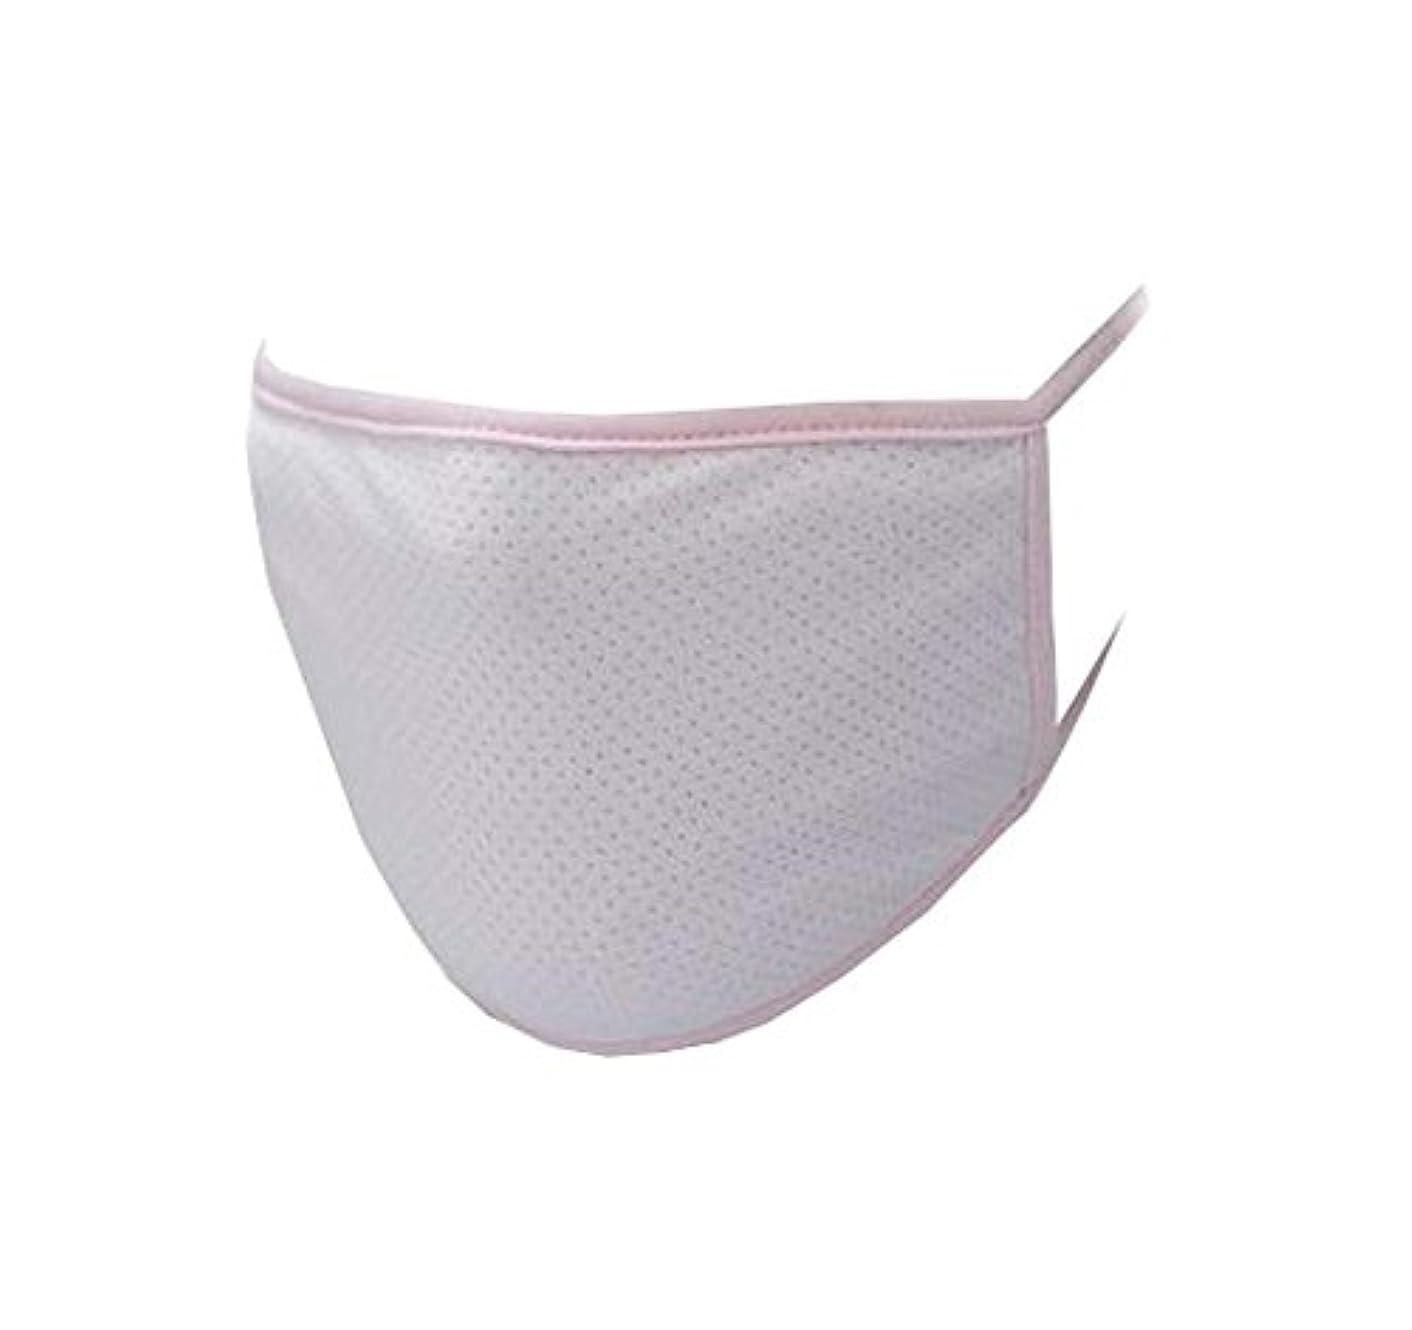 所持蒸誤解する口マスク、再使用可能フィルター - 埃、花粉、アレルゲン、抗UV、およびインフルエンザ菌 - D